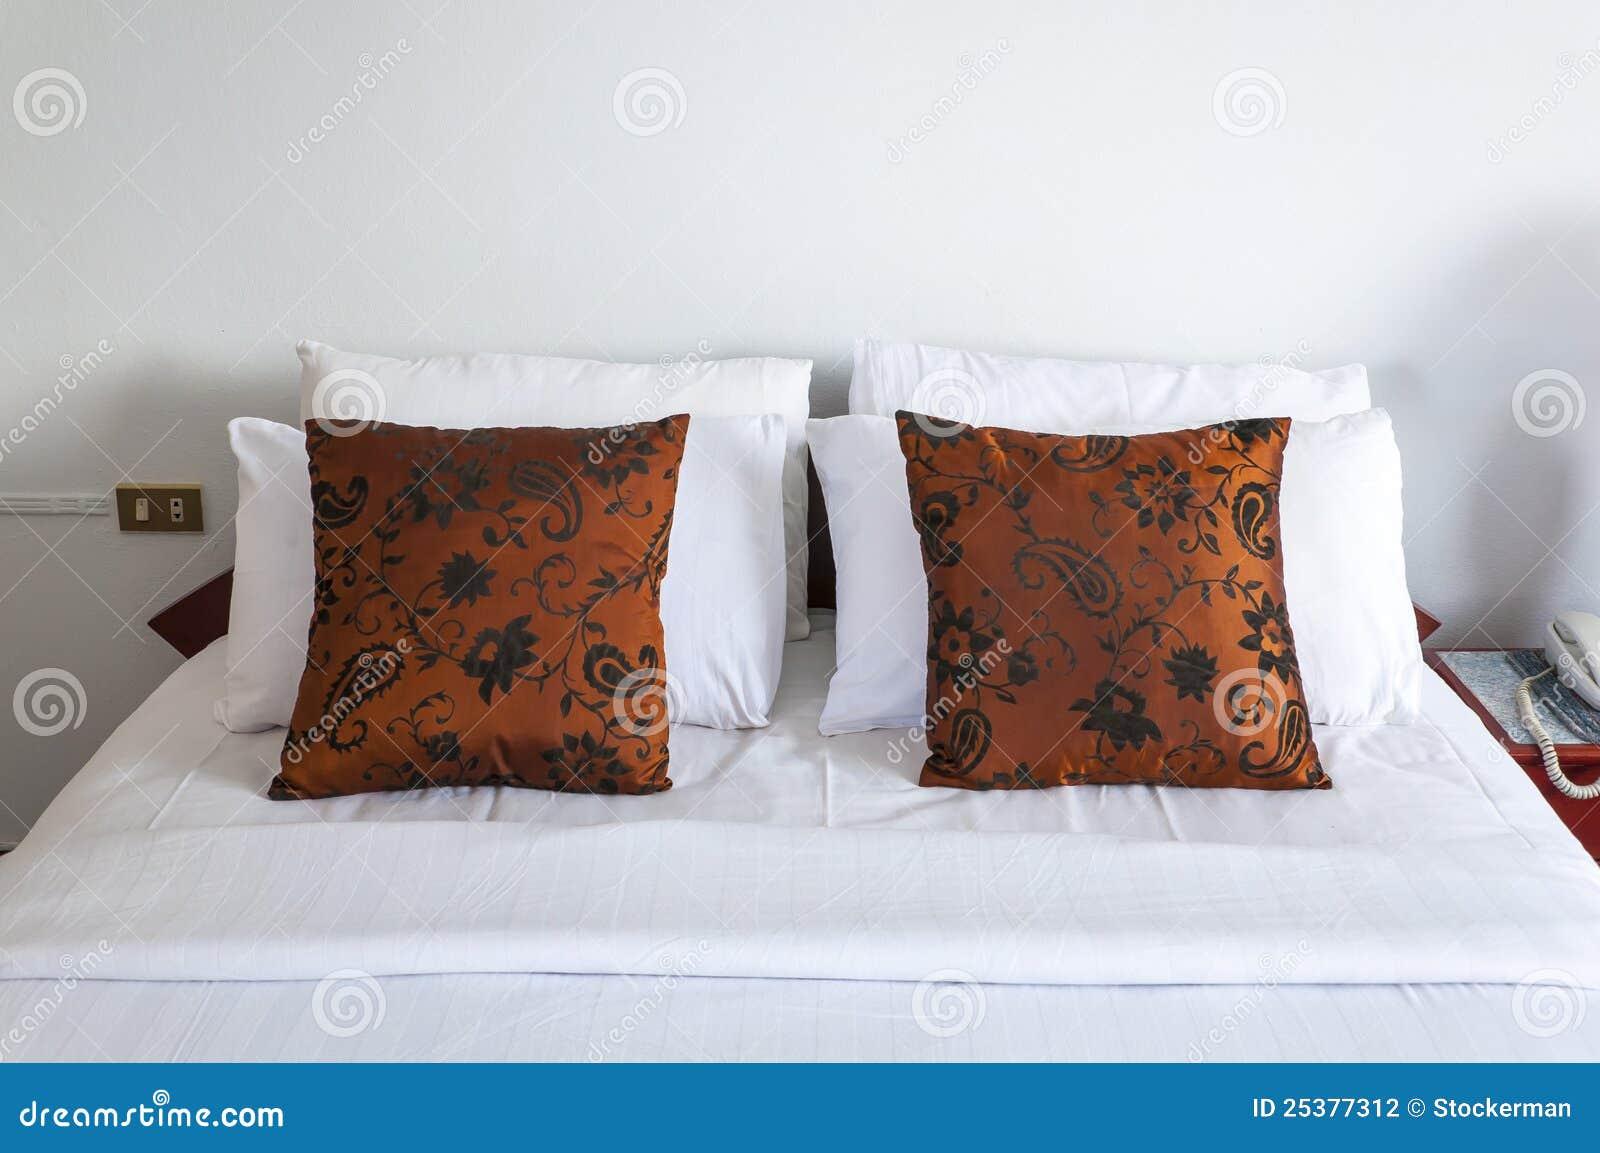 Cose fai da te per la camera - Cuscini imbottiti per testiera letto ...